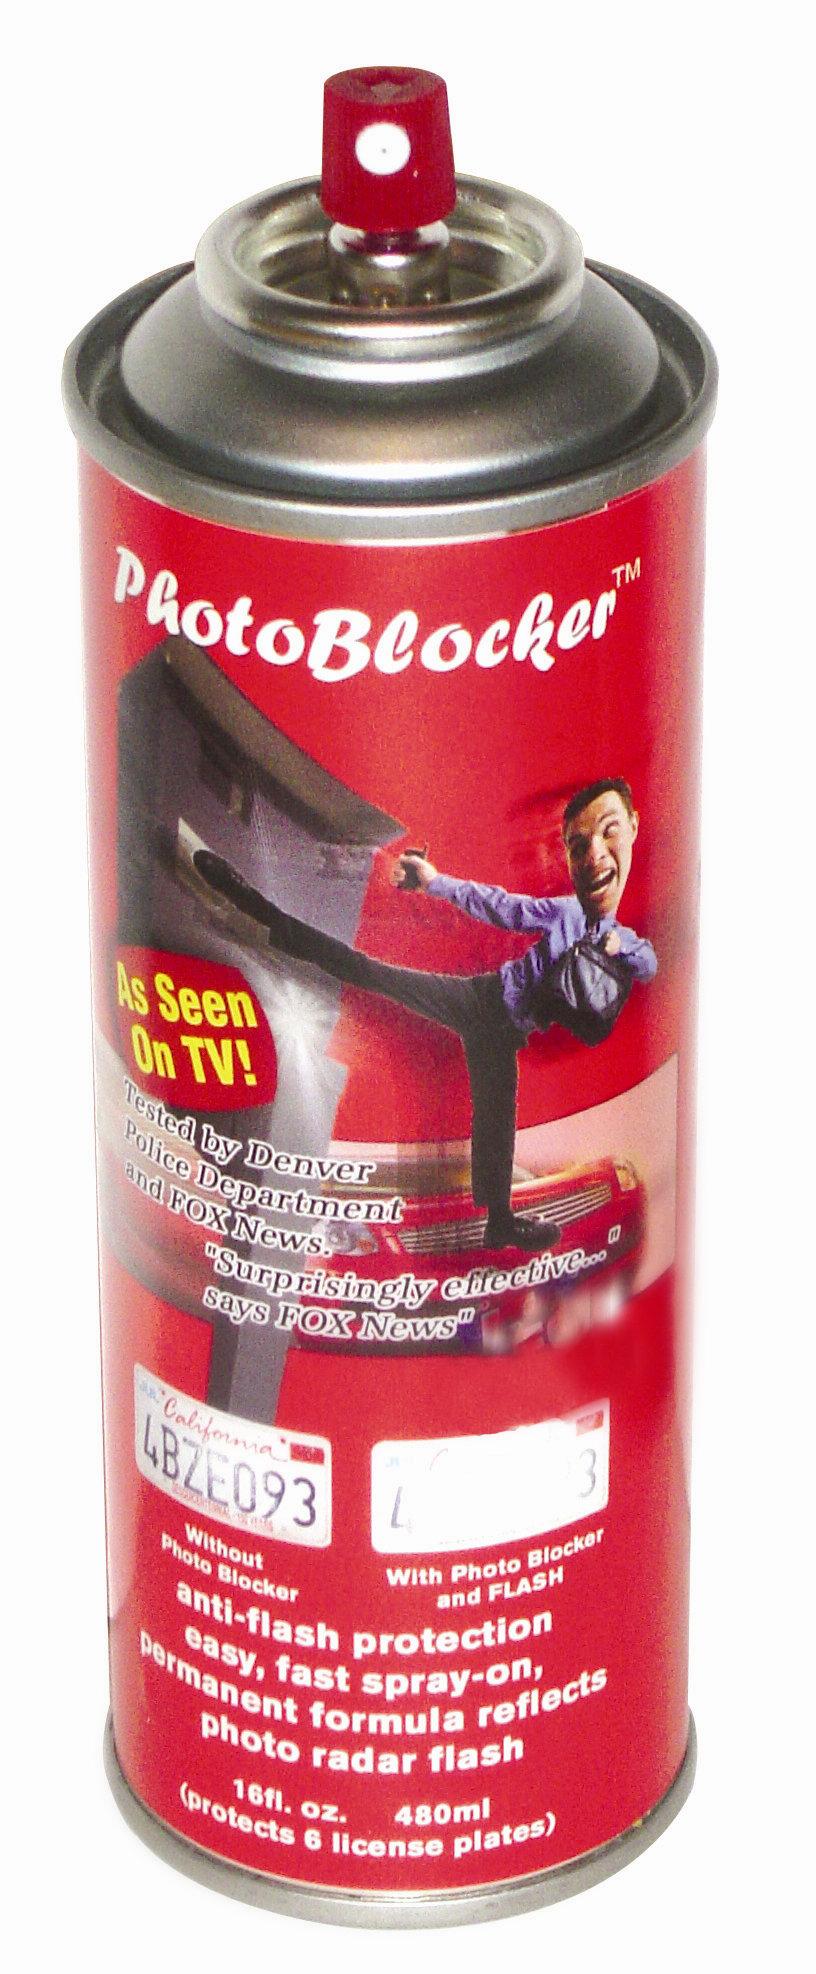 Photoblocker Spray Red Light Camera Spray | ultimatetint